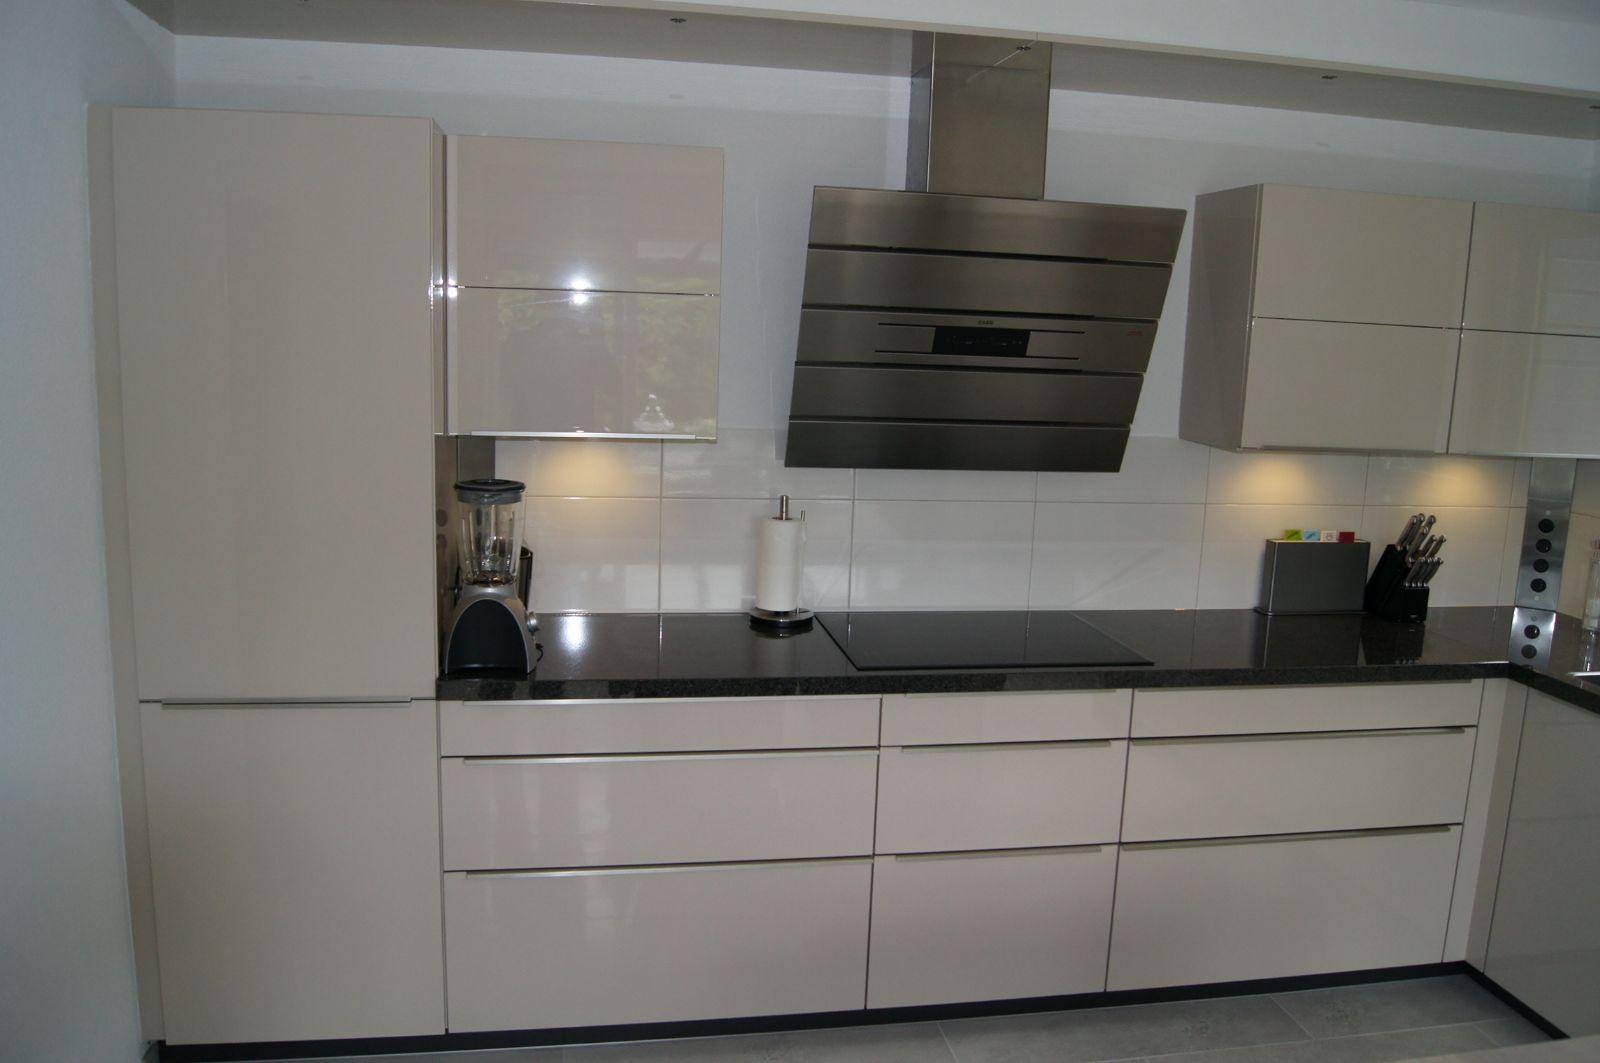 Voorbeelden van moderne keukens - Fotos moderne keuken ...